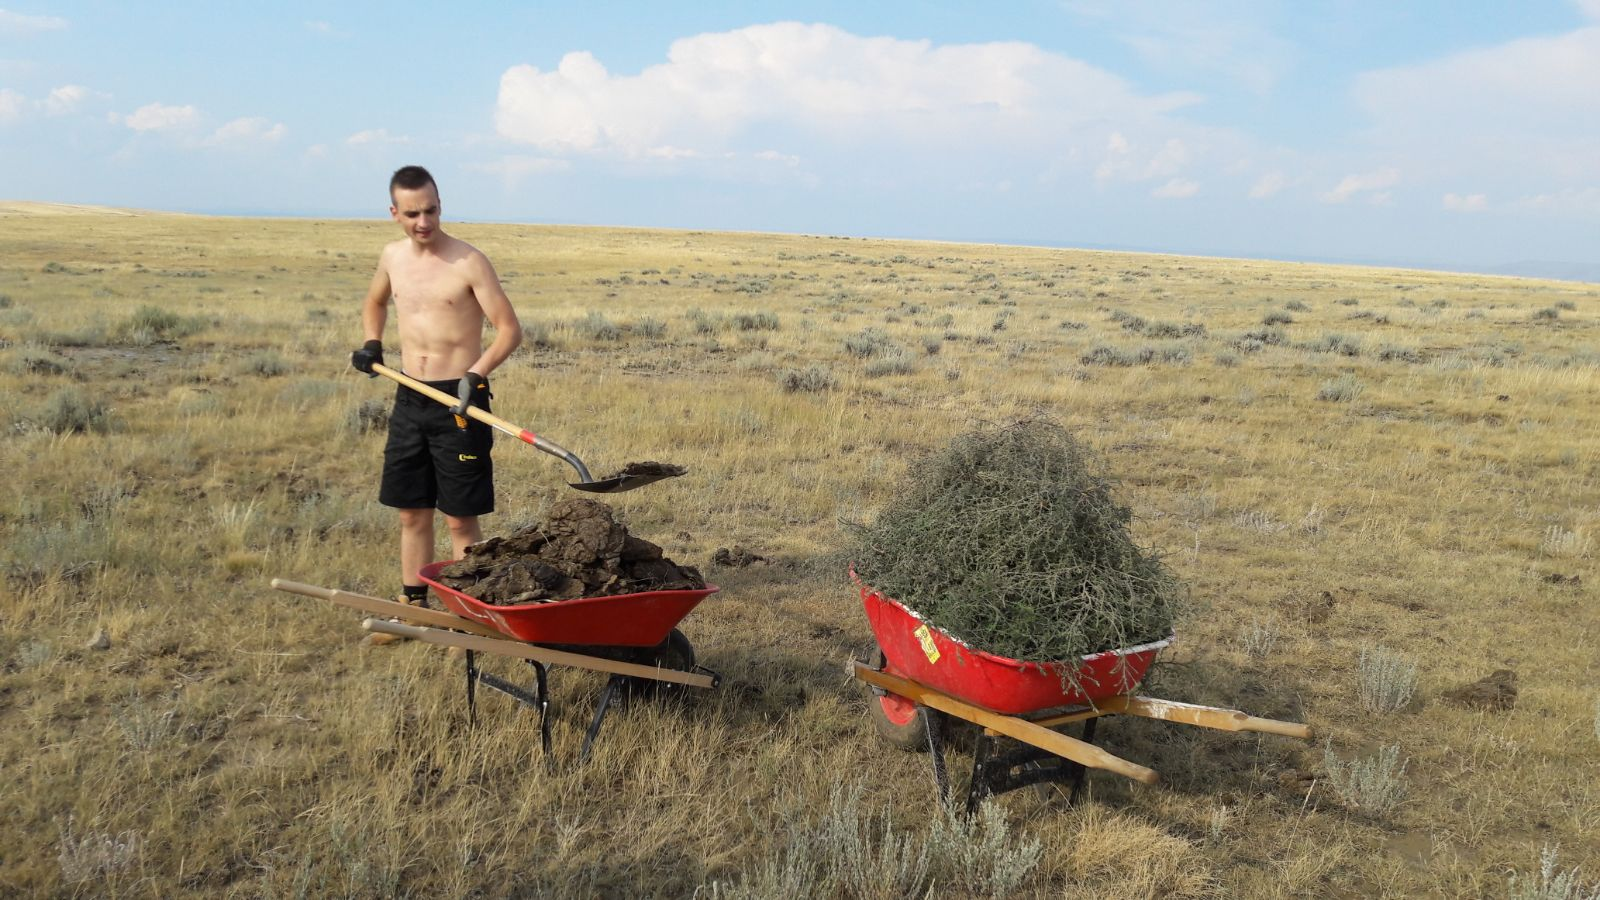 koeienvlaaien opruimen om plek te maken voor de tenten